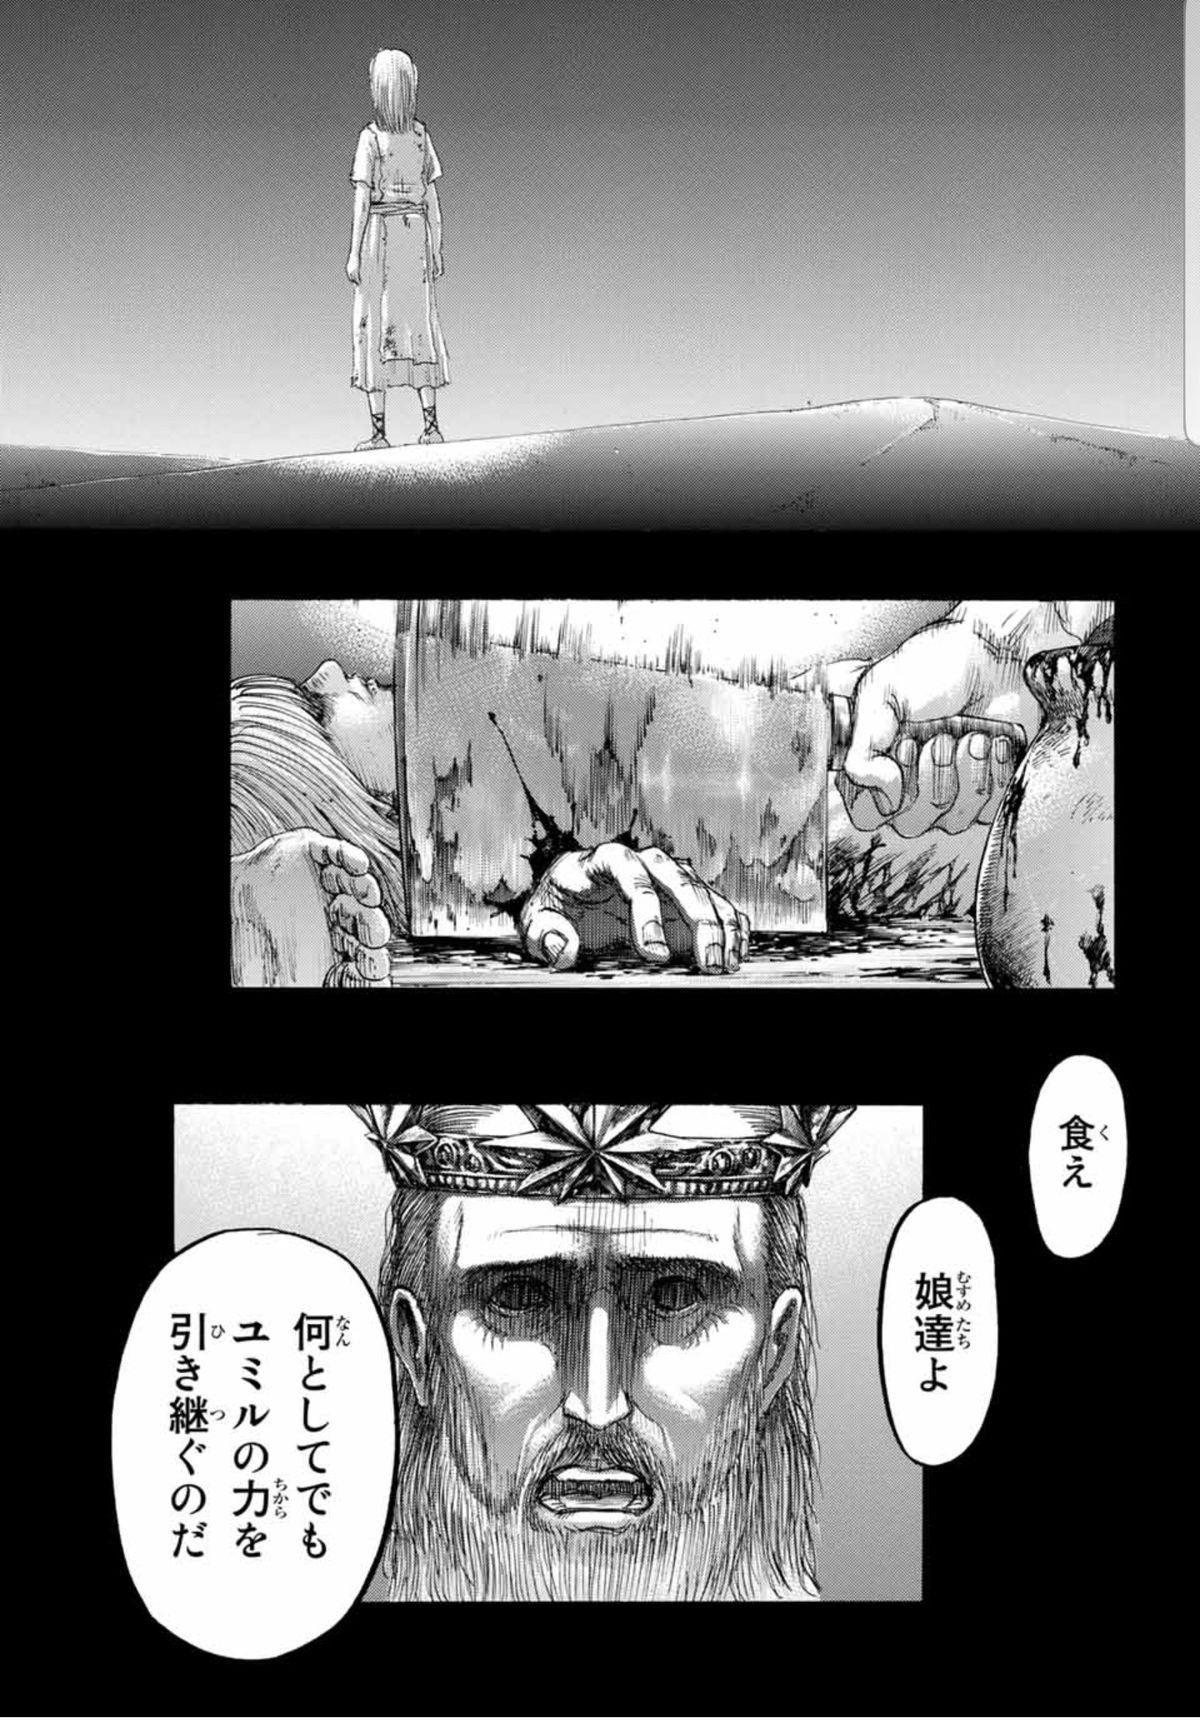 ユミル 始祖